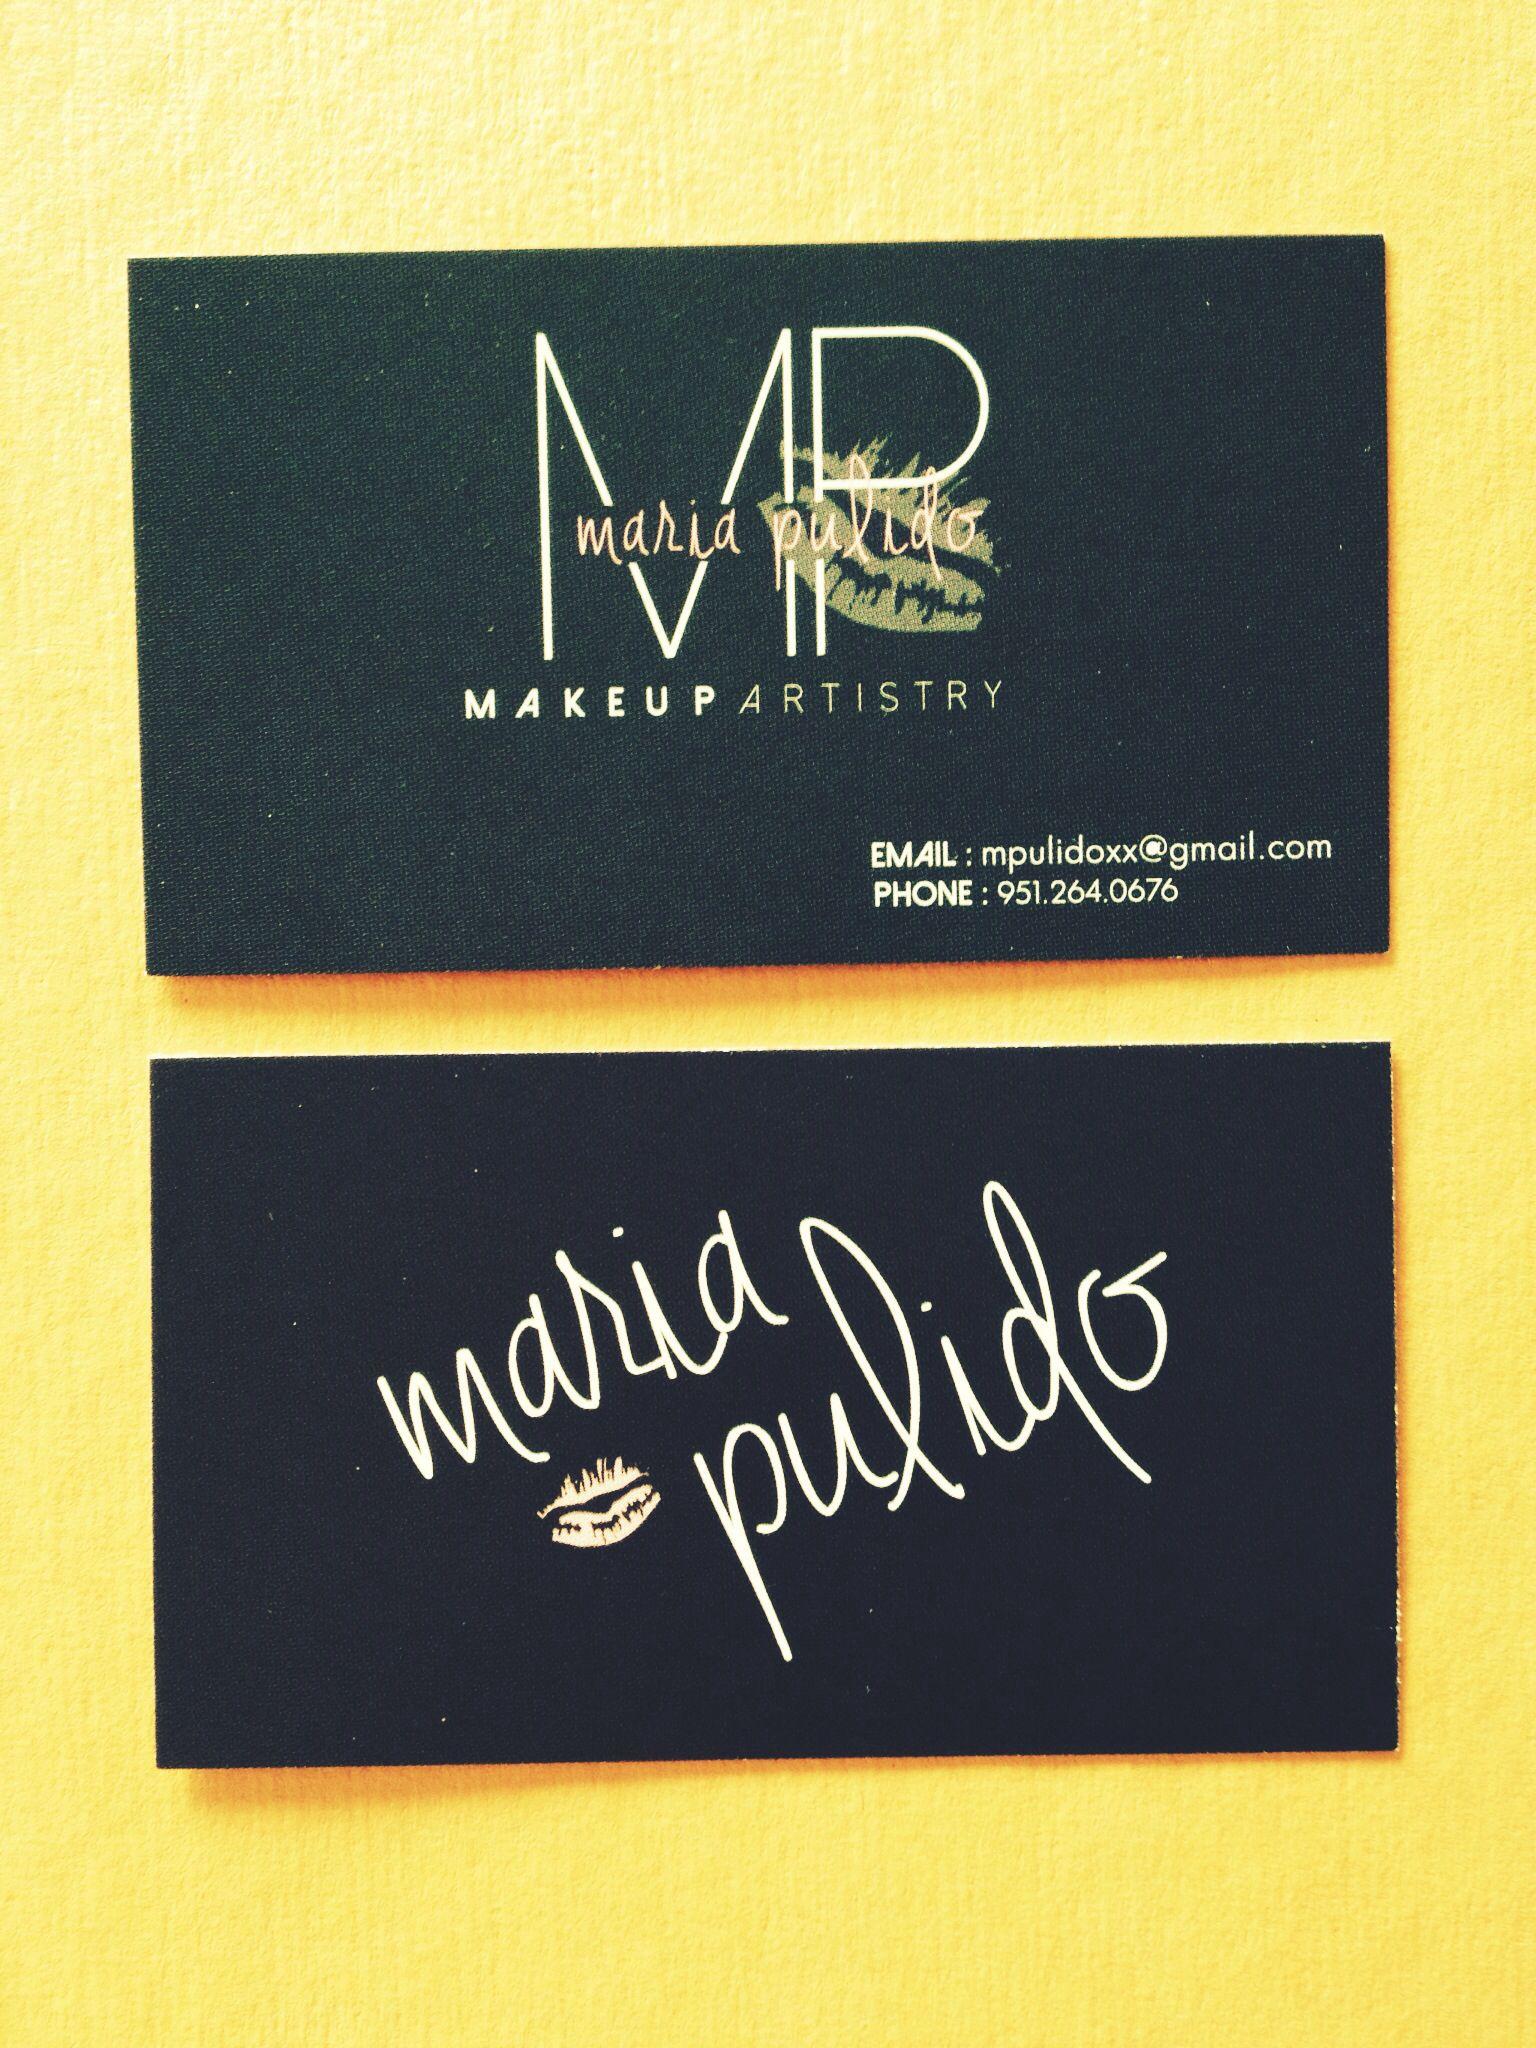 Business Card Design- Makeup Artistry | Inspirations | Pinterest ...